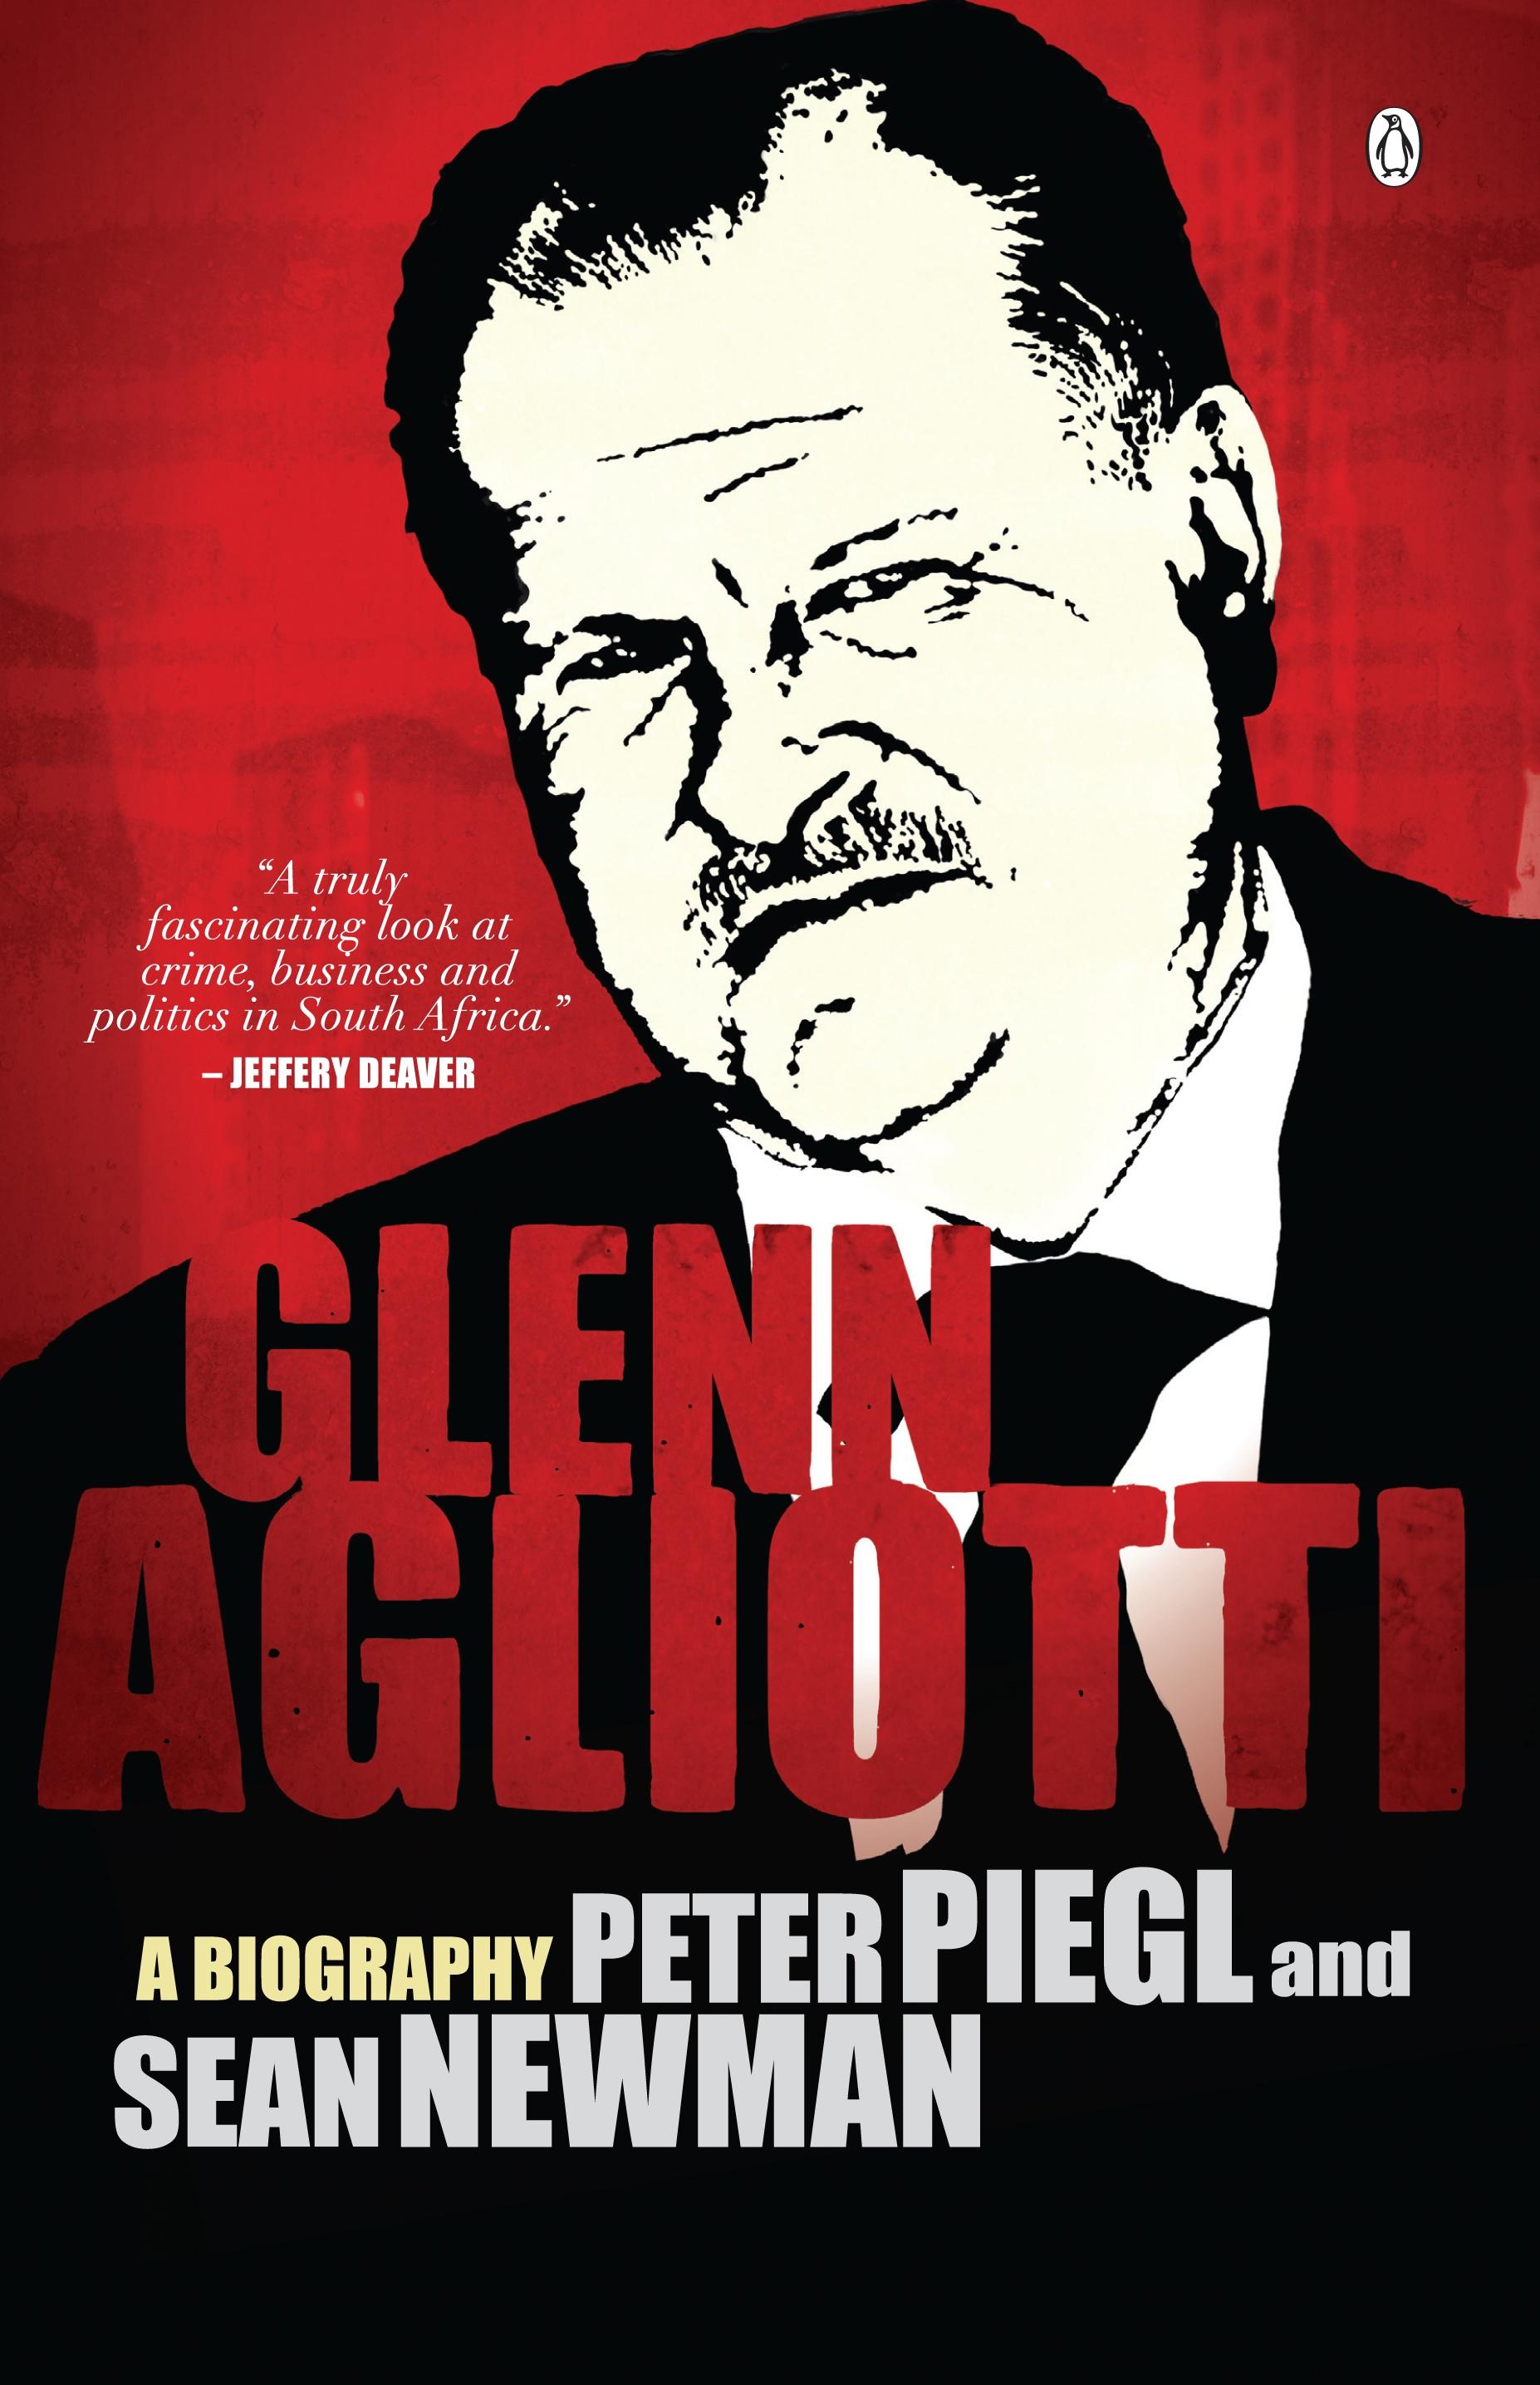 Book Cover Biography : Glen agliotti a biography penguin books australia